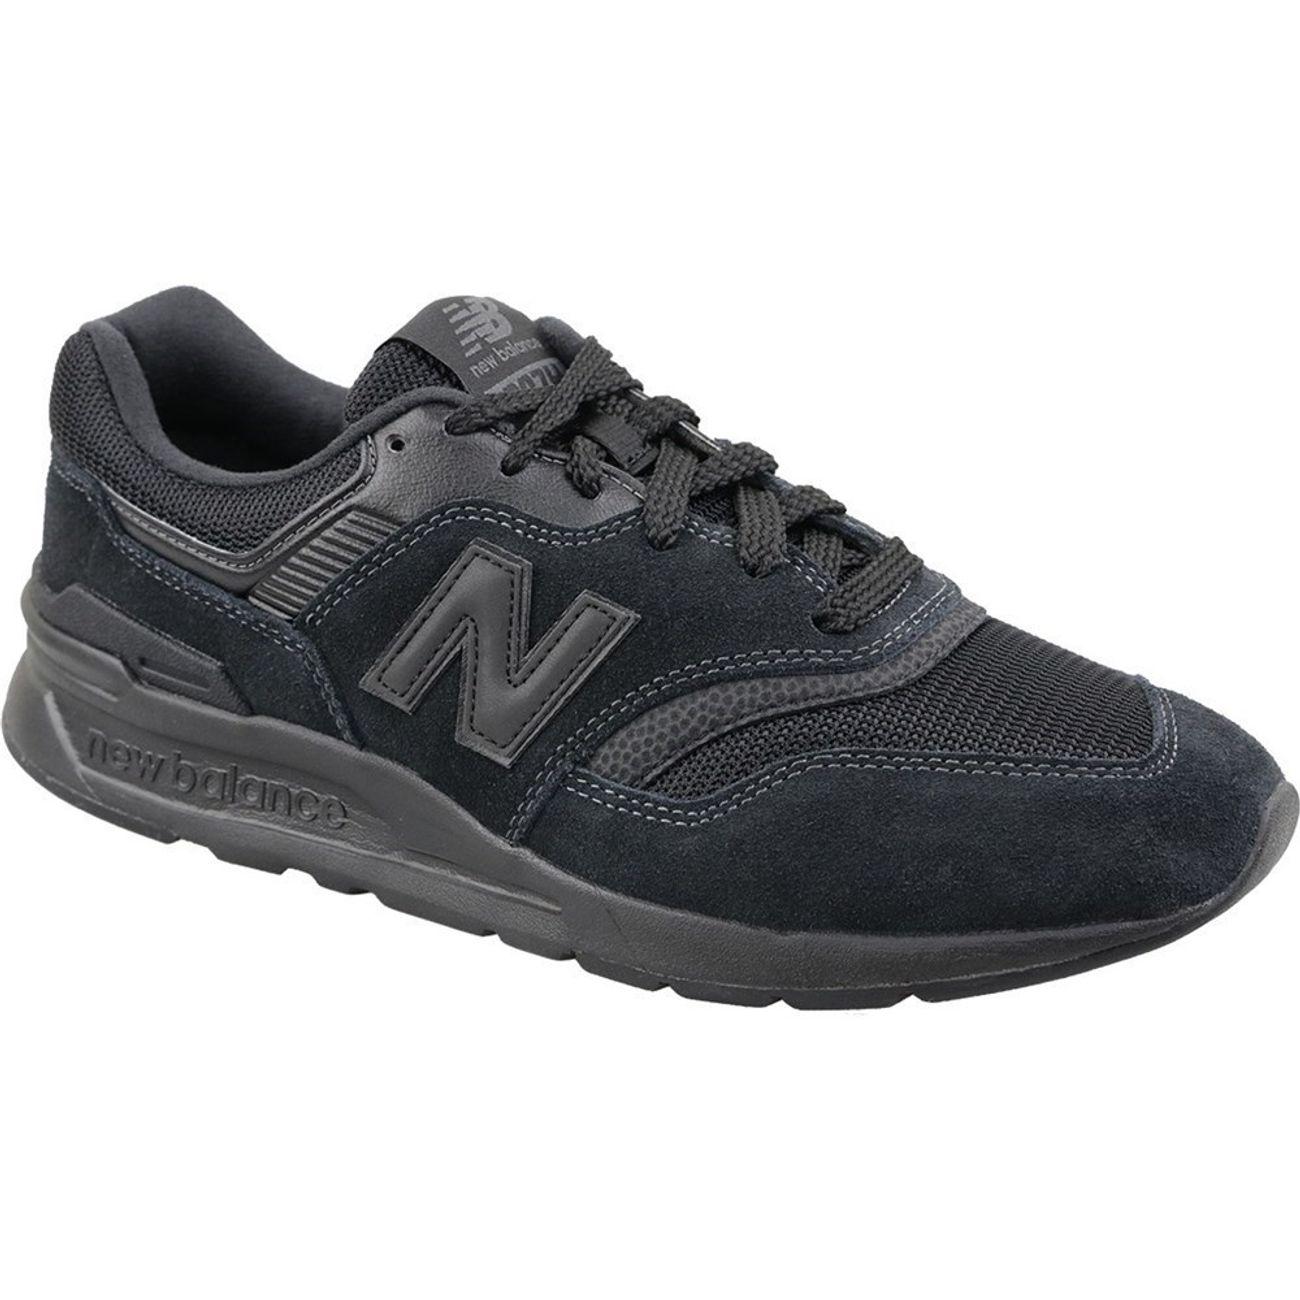 Mode- Lifestyle homme NEW BALANCE New Balance 997